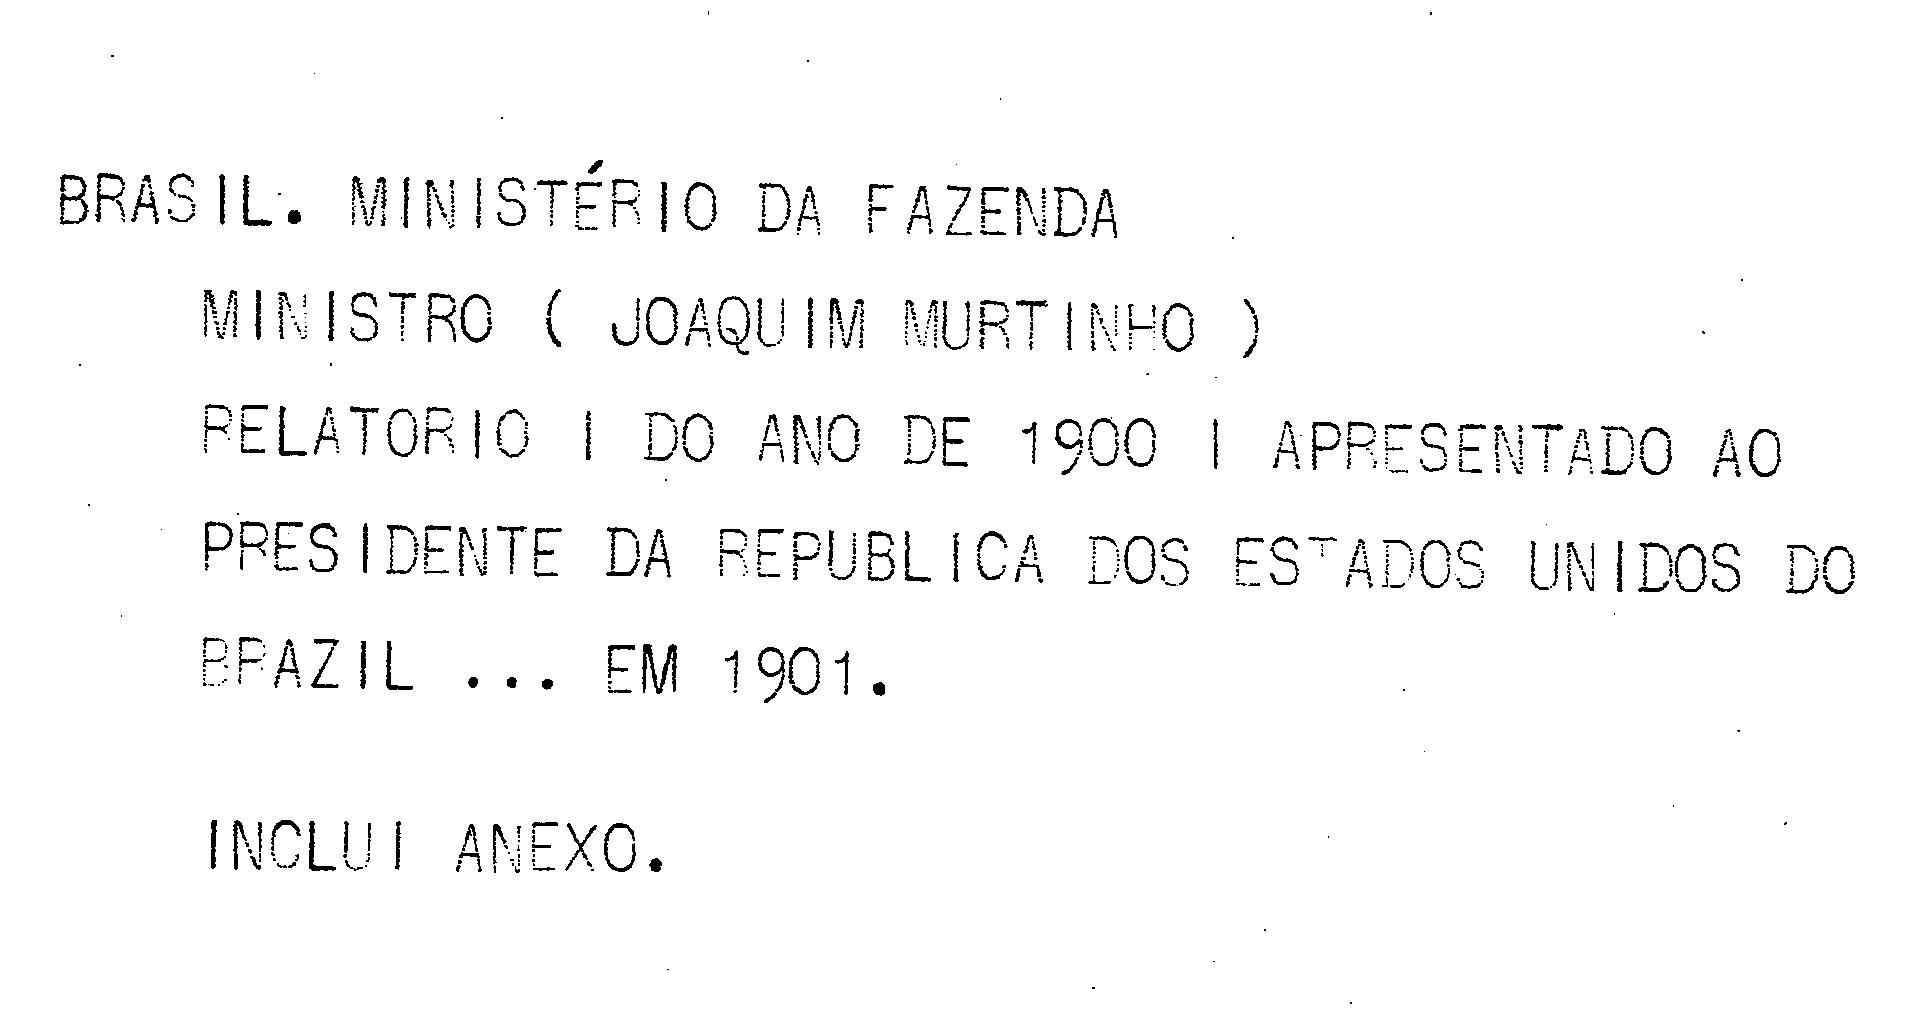 Ministerio da Fazenda - Relatório apresentado ao presidente da República dos Estados Unidos do Brazil pelo Ministro de Estado dos Negócios da Fazenda Joaquim Murtinho no anno de 1901, 13º da República